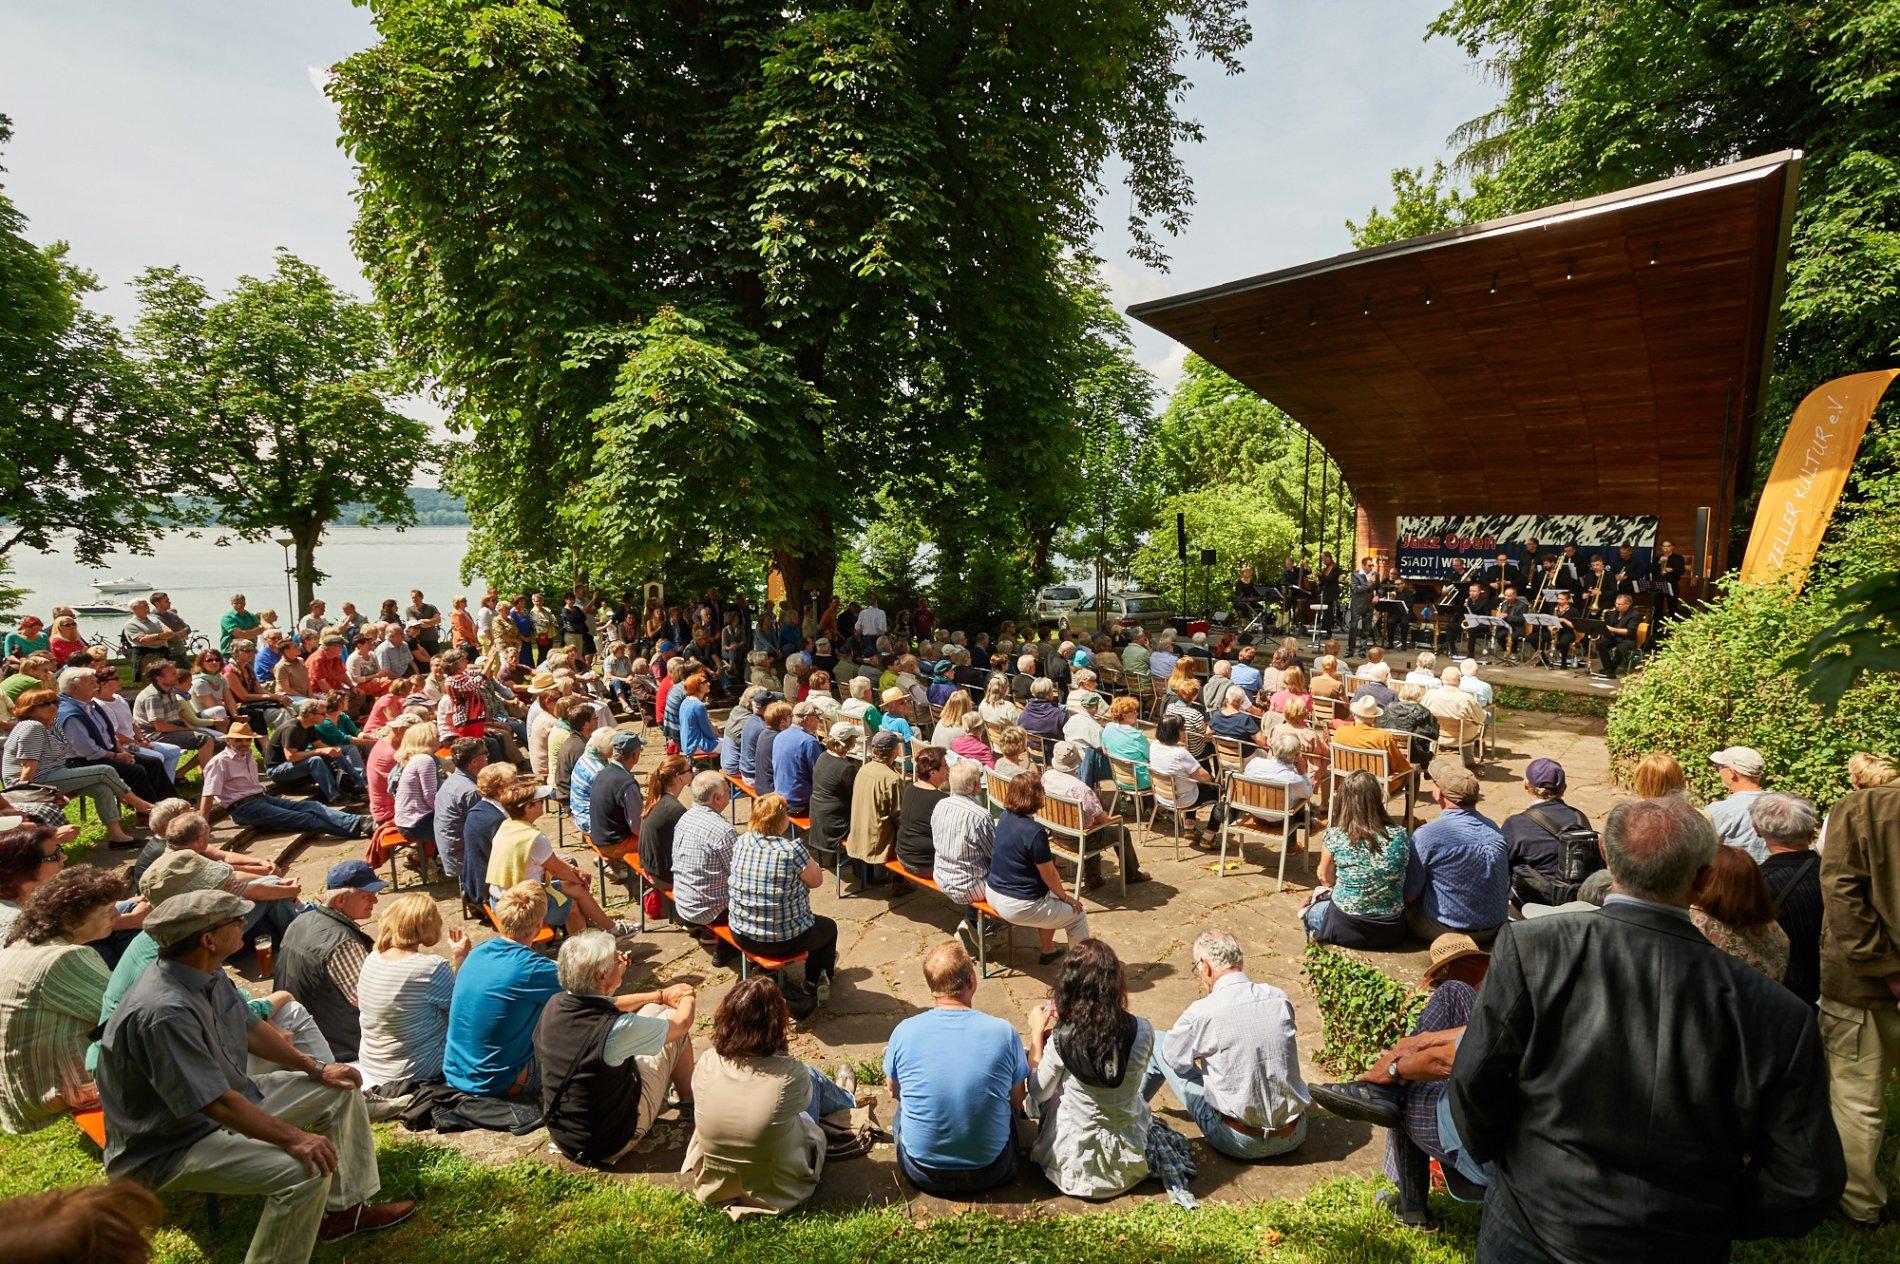 Konzertmuschel in Radolfzell am Bodensee